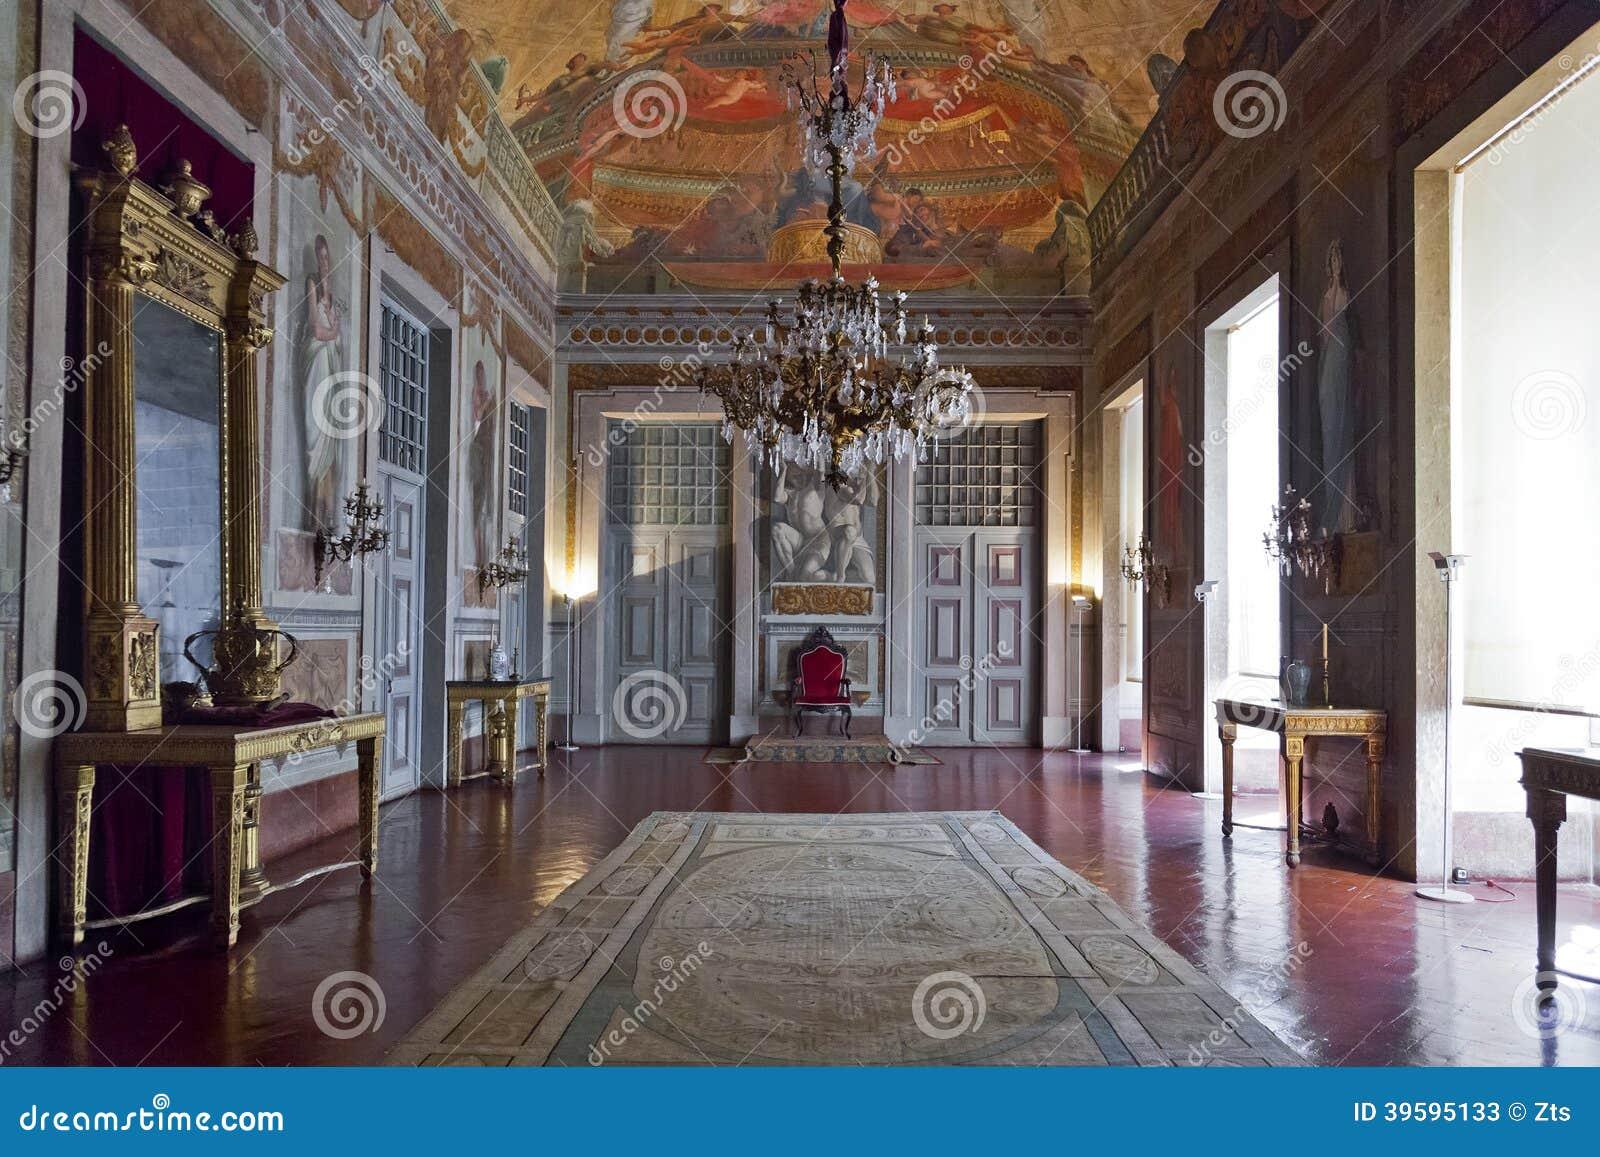 Δωμάτιο θρόνων ή δωμάτιο ακροατηρίων. Παλάτι της Μάφρα